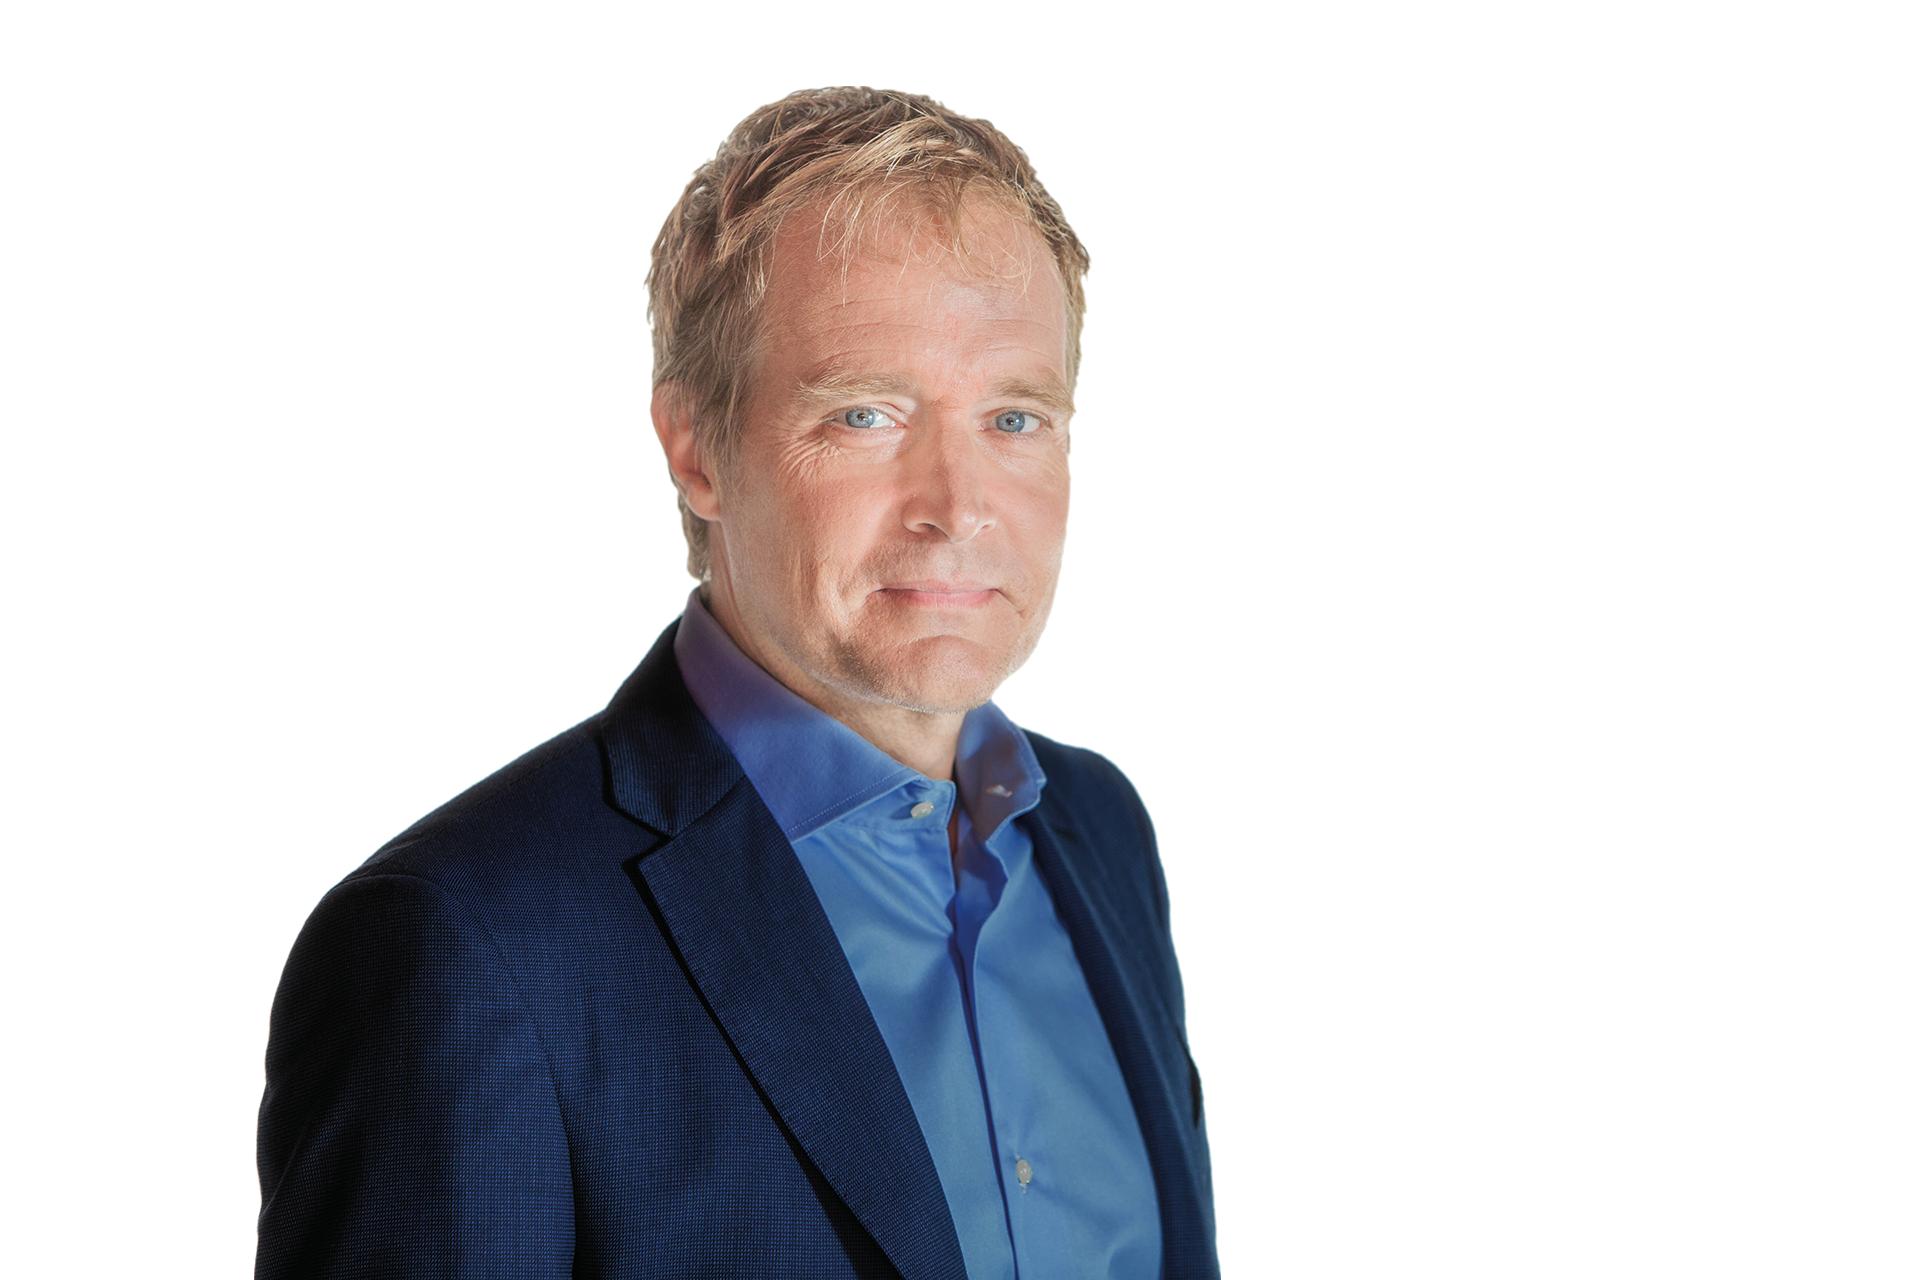 Maarten Veeger